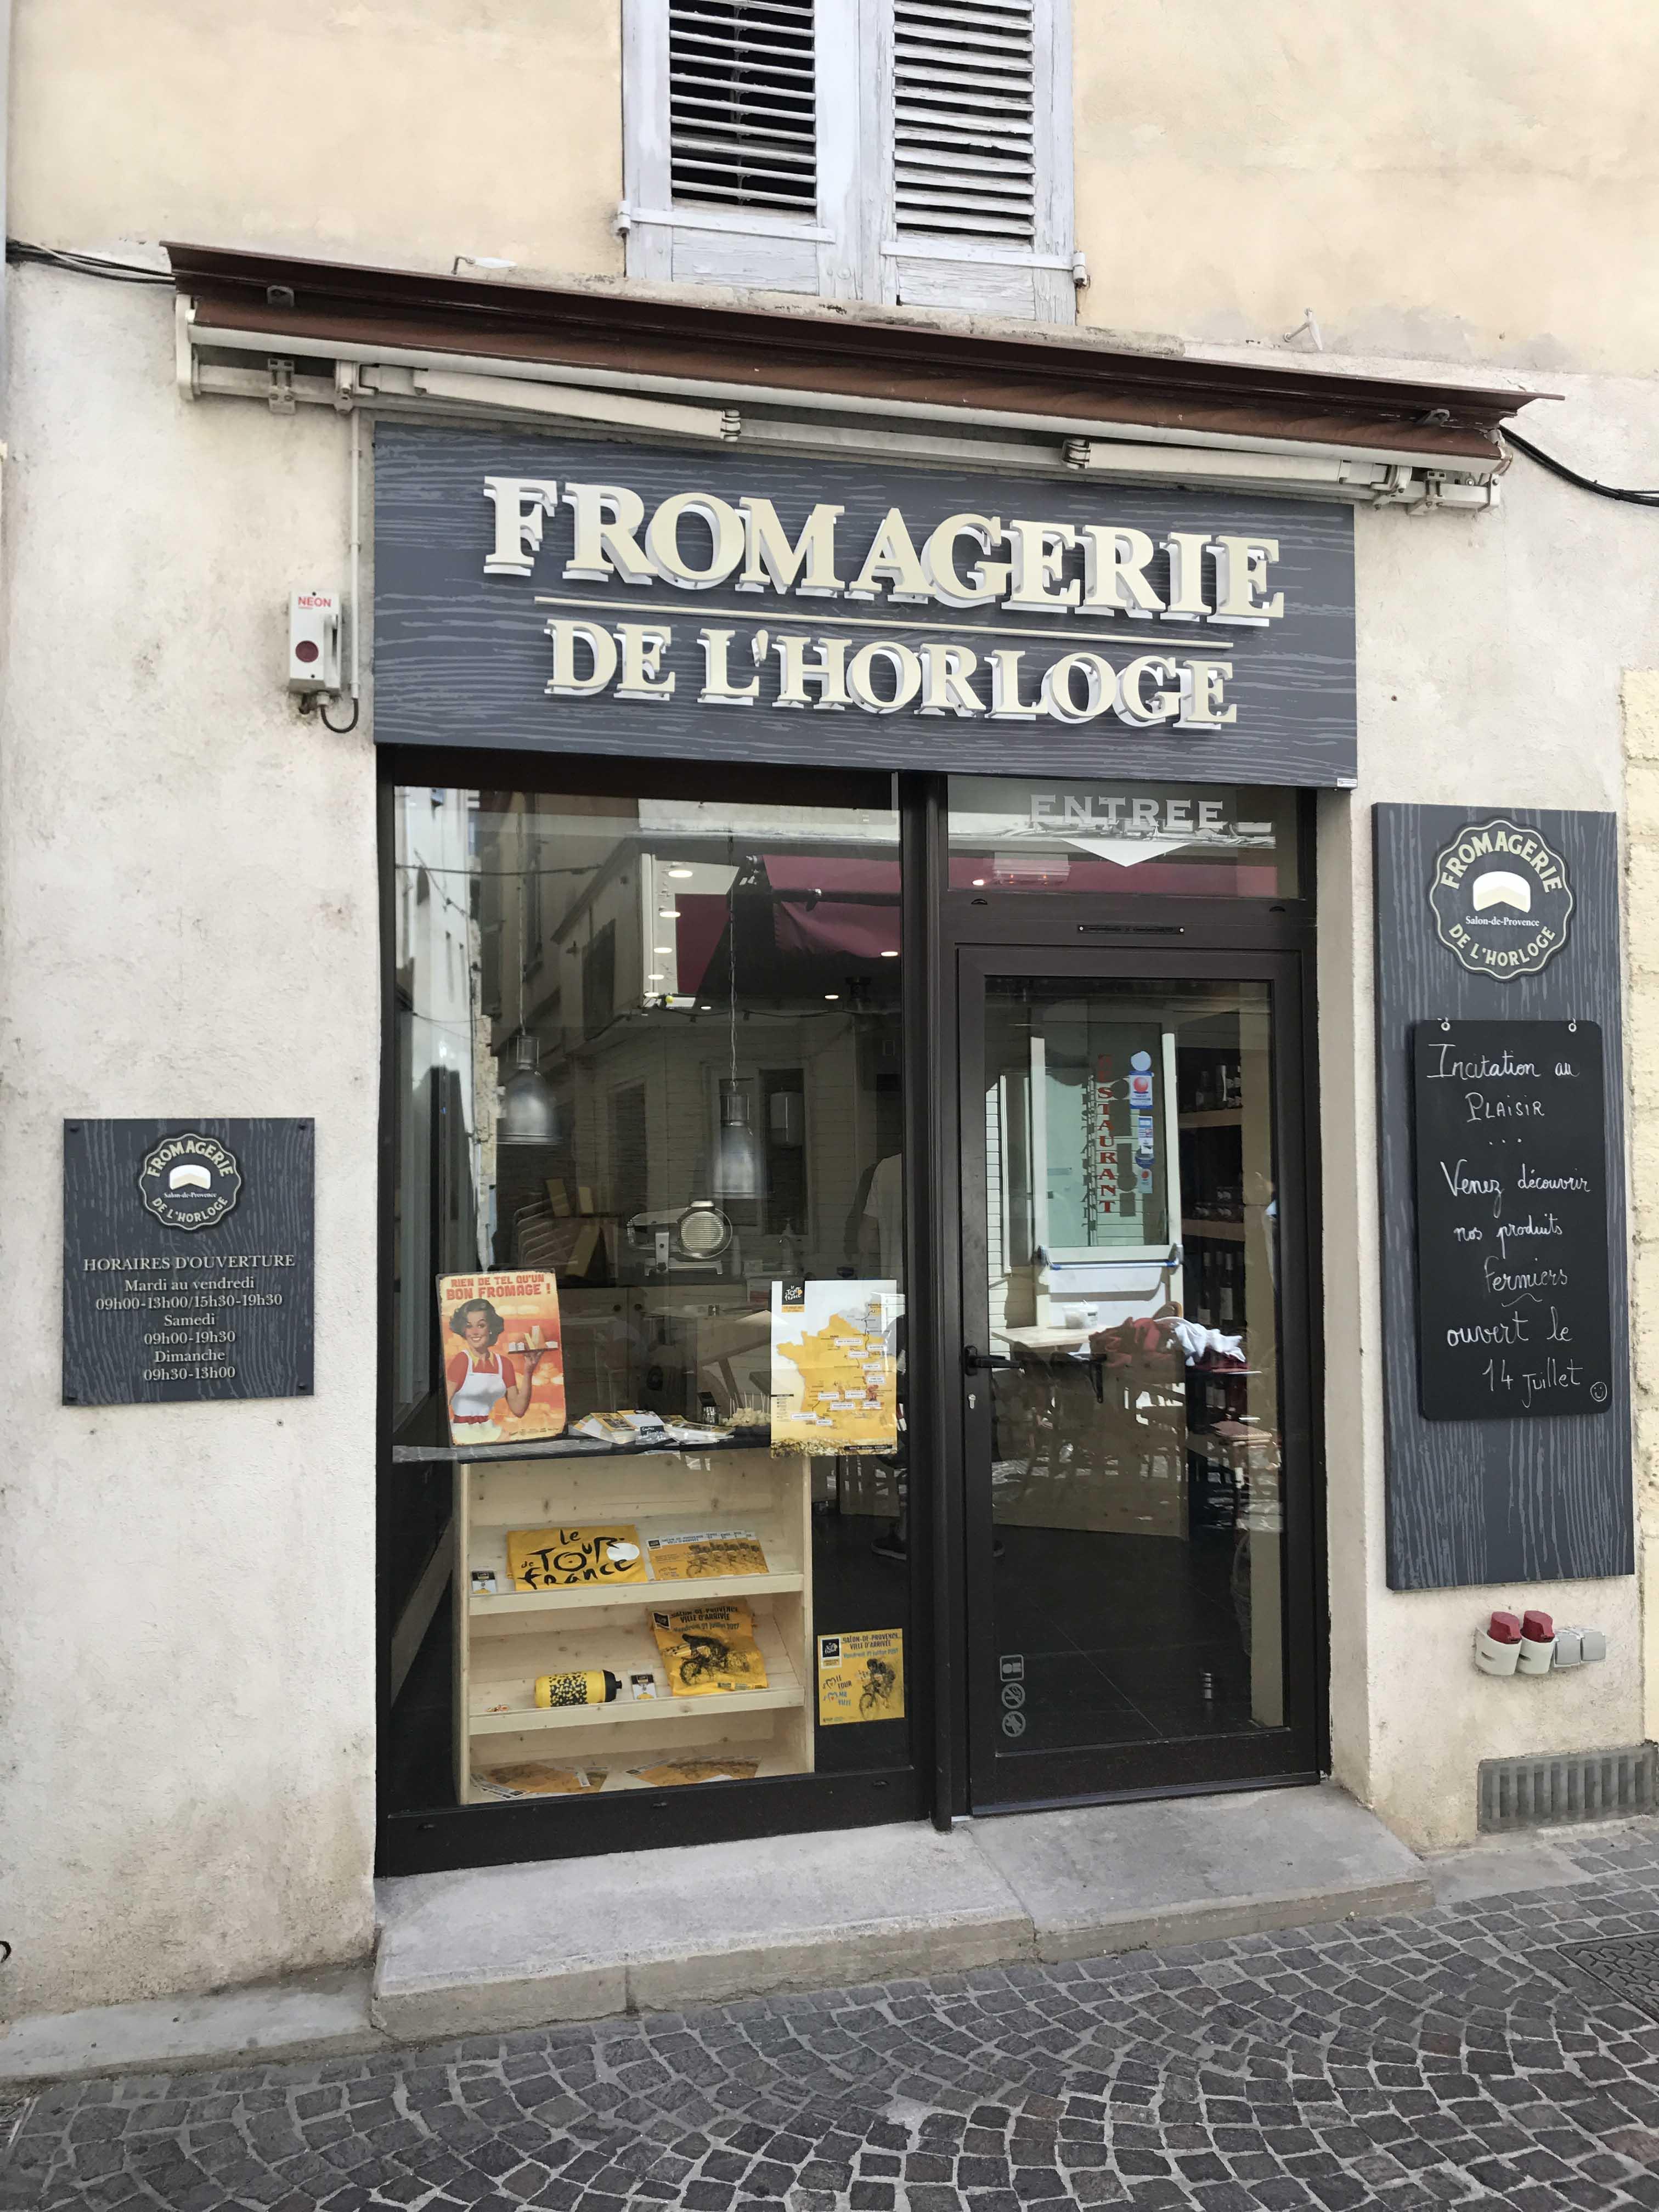 Fromagerie salon de provence fromagerie de l 39 horloge for Ecole militaire salon de provence